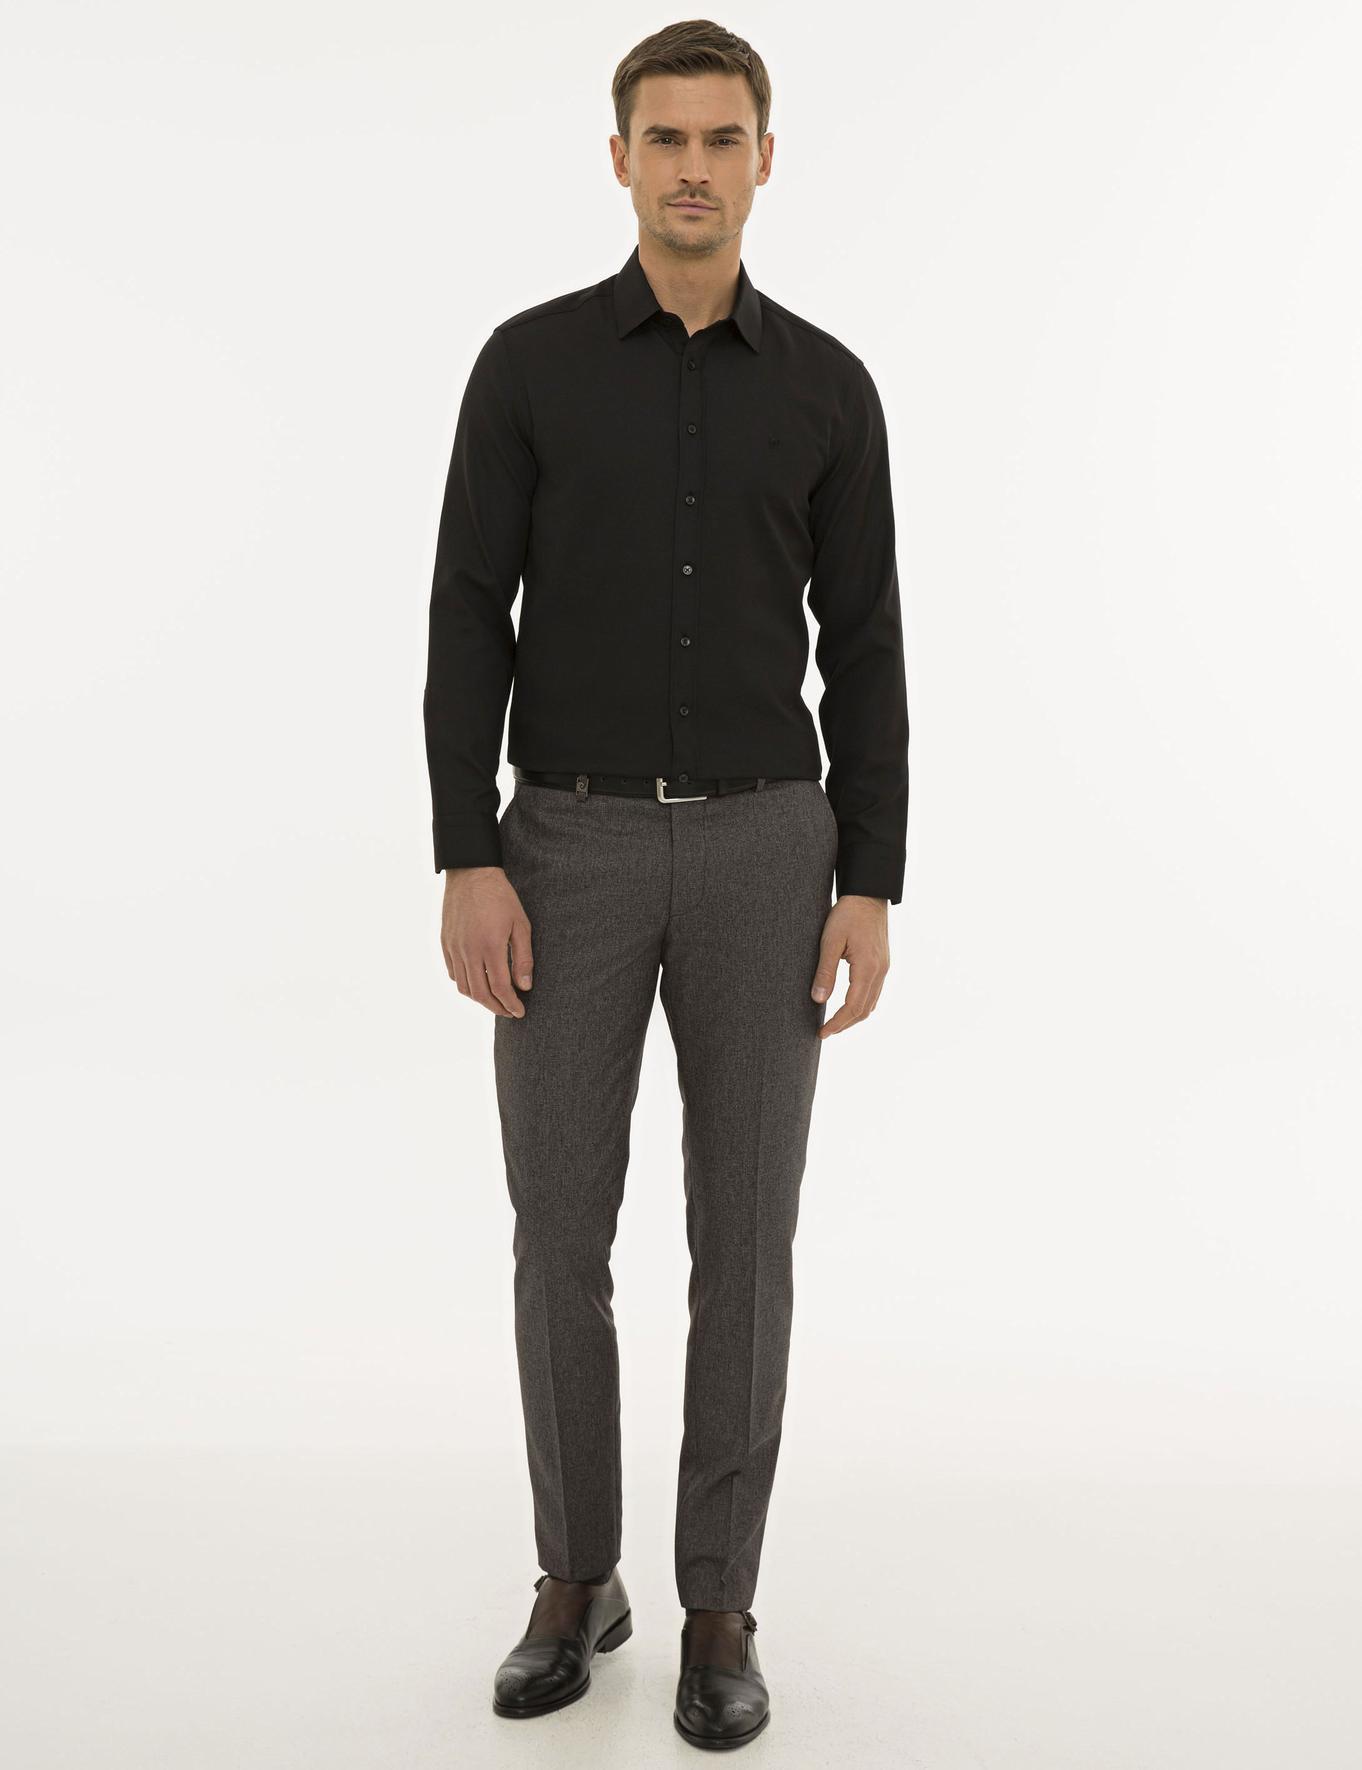 Siyah Slim Fit Oxford Gömlek